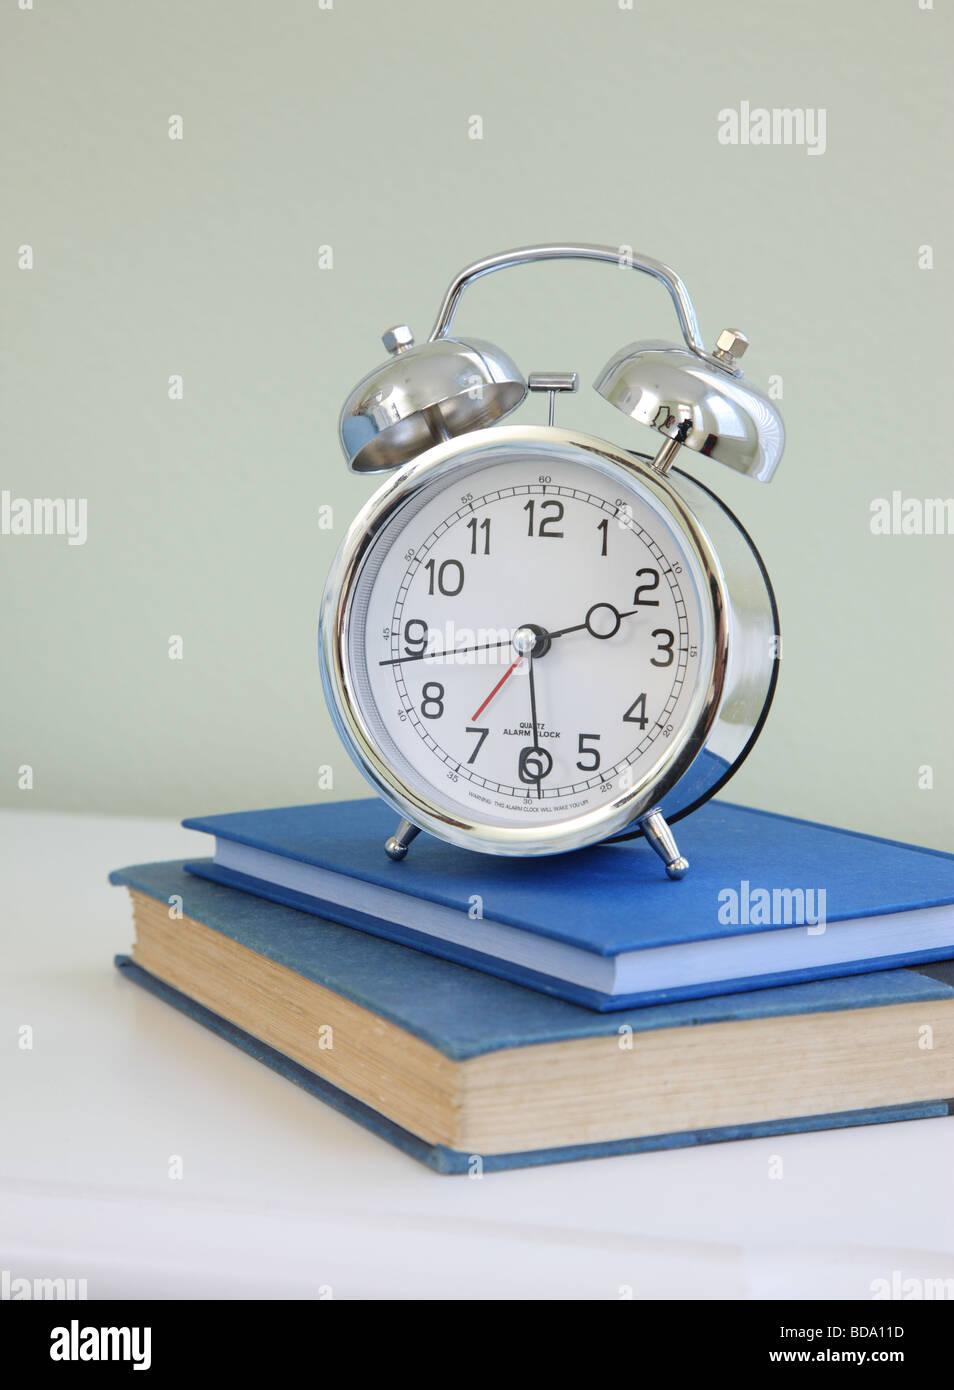 Réveil sur pile de livres Photo Stock